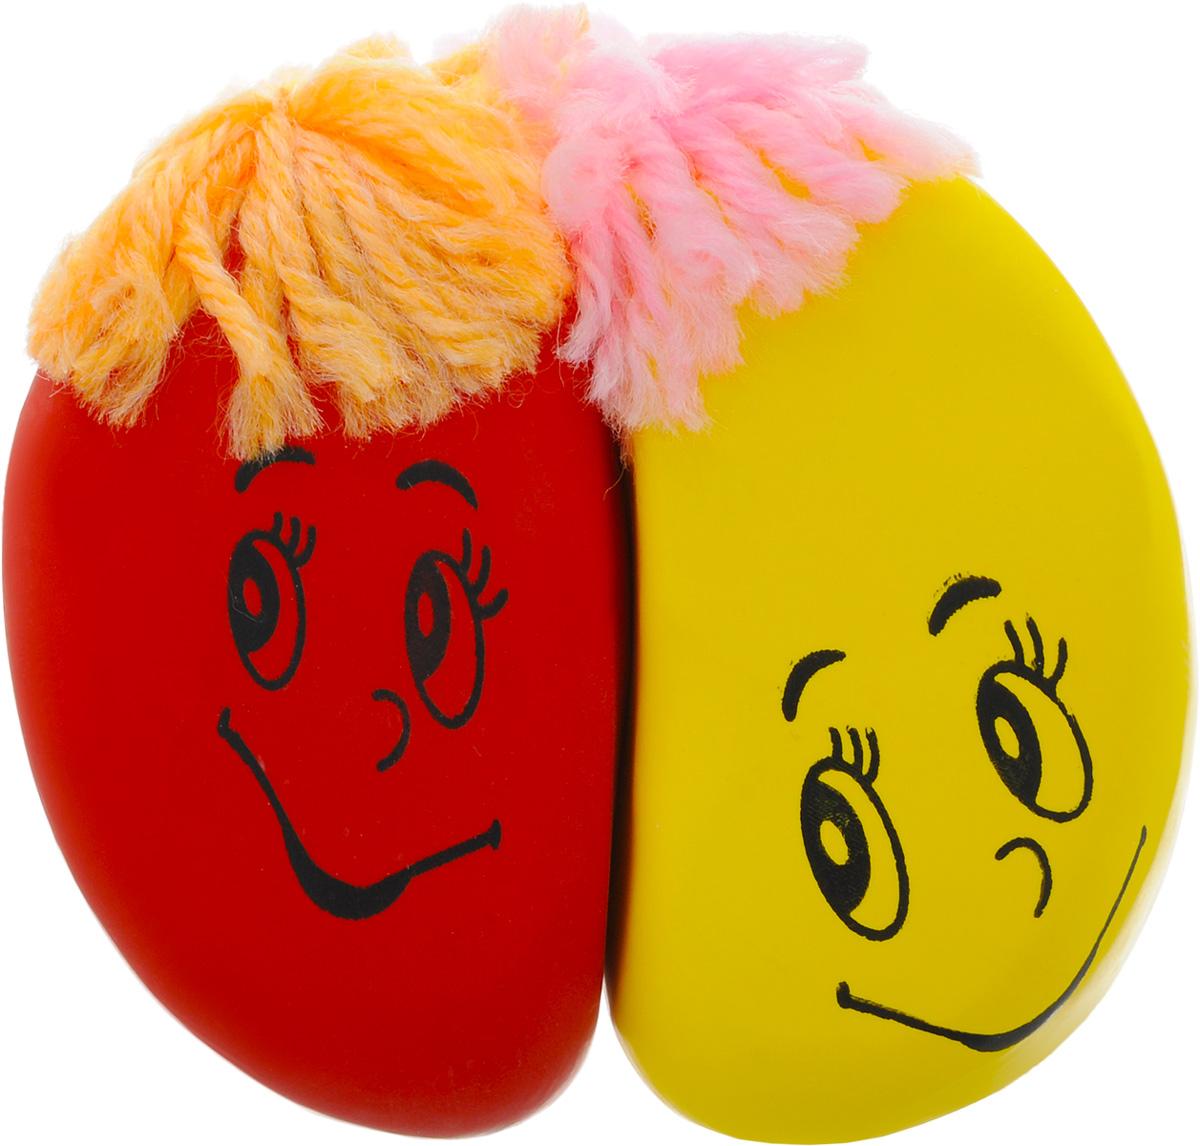 """Релаксант мягкий Эврика """"Колобок"""" служит для творческой и эмоциональной  разрядки, развивает креативность и мелкую моторику рук у детей. Изделие  выполнено из резины с изображением веселой рожицы, внутри - наполнитель из  крахмала. Используйте фантазию и создавайте различные фигуры (животные,  грибы, фрукты, лица).  Мягкая поверхность, сохраняющий форму наполнитель и рисунок улыбающейся  рожицы вместе дают забавный и приятный расслабляющий эффект."""